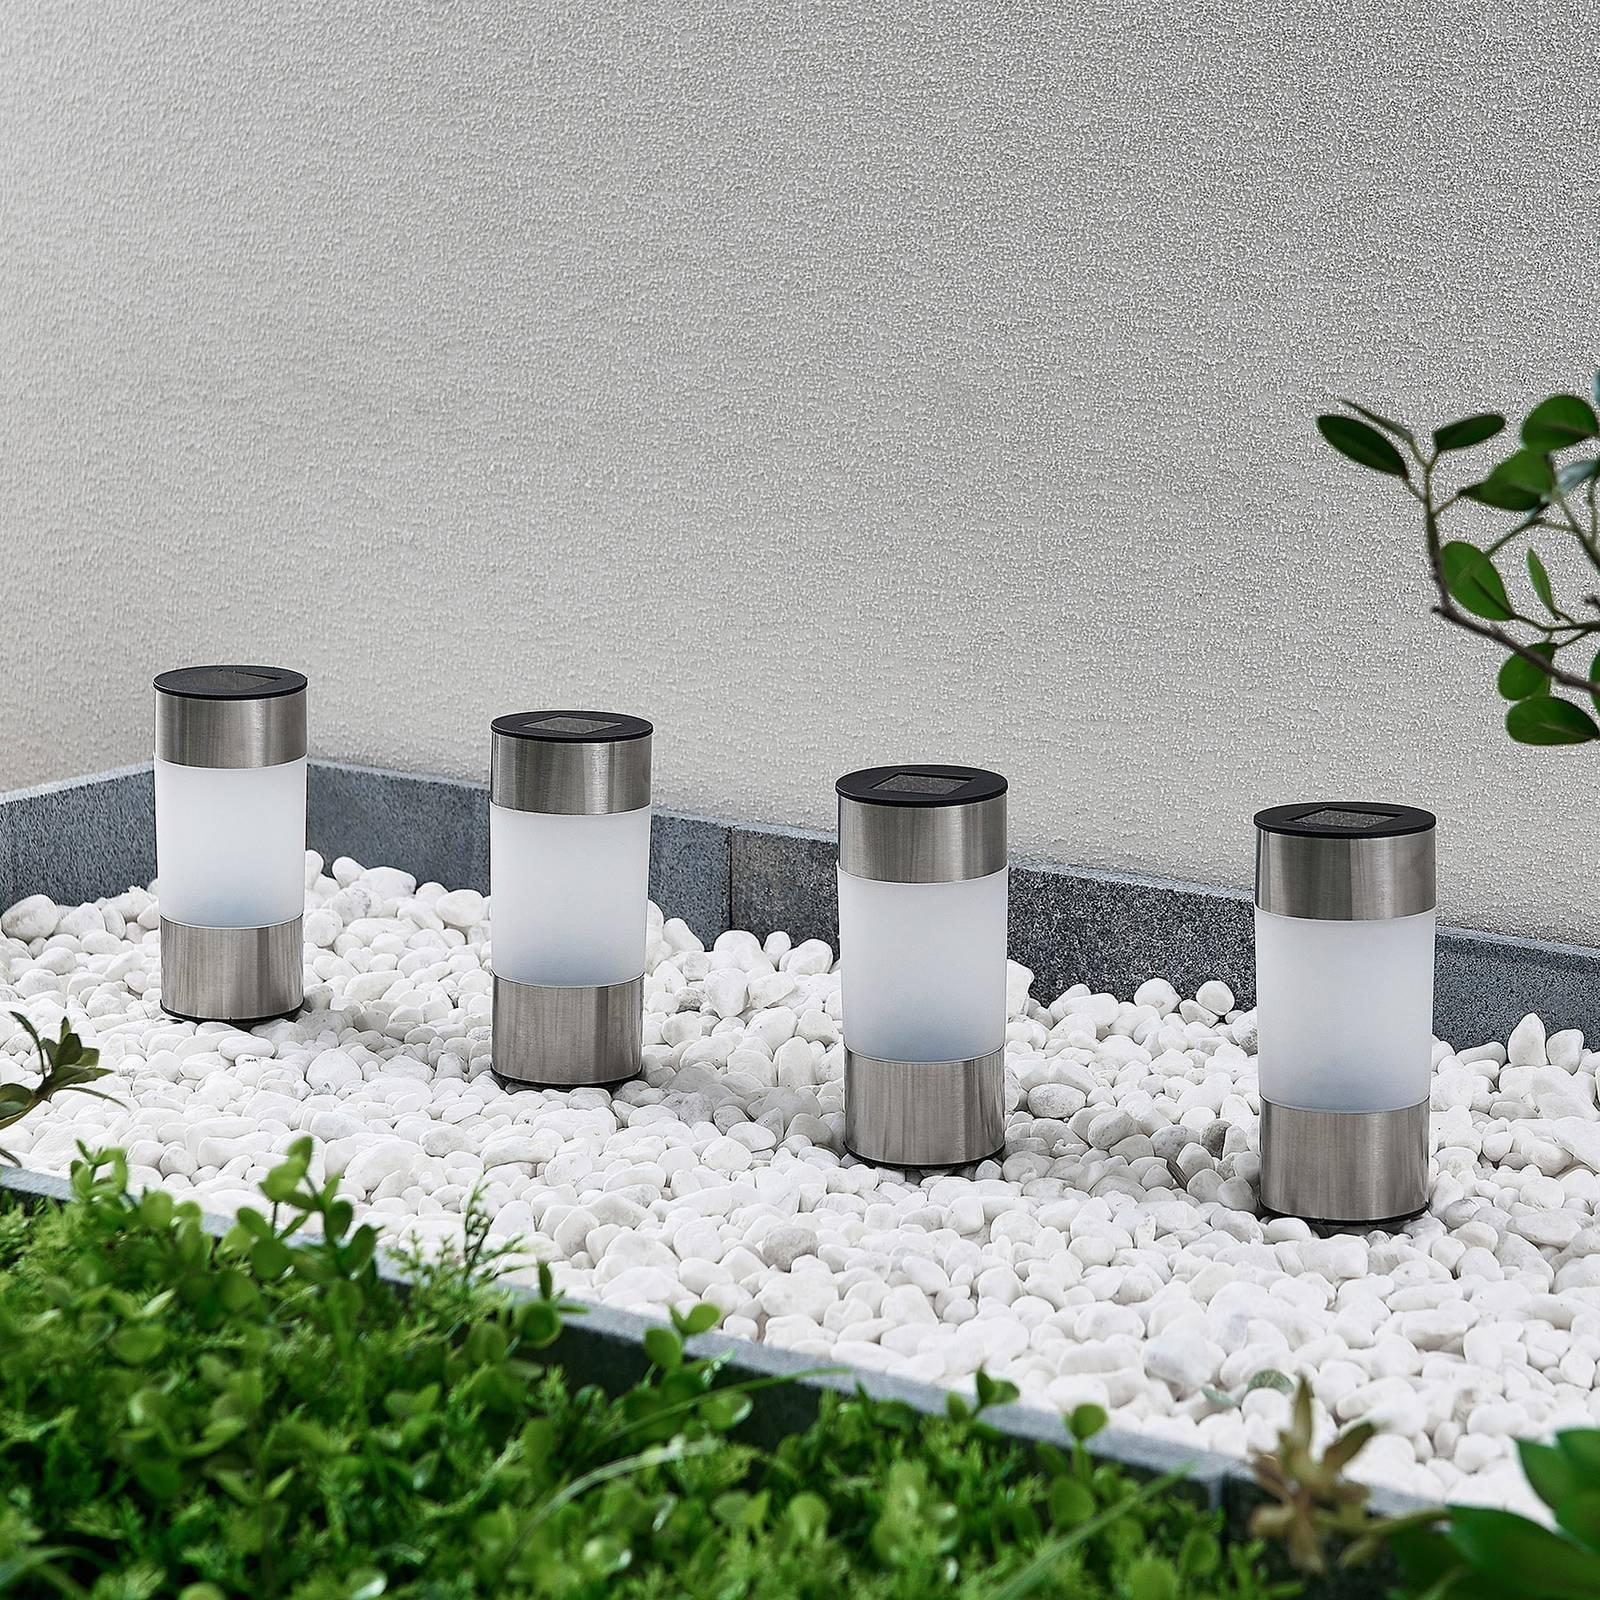 Lindby Jocob LED-aurinko-maapiikkivalaisin, 4 kpl